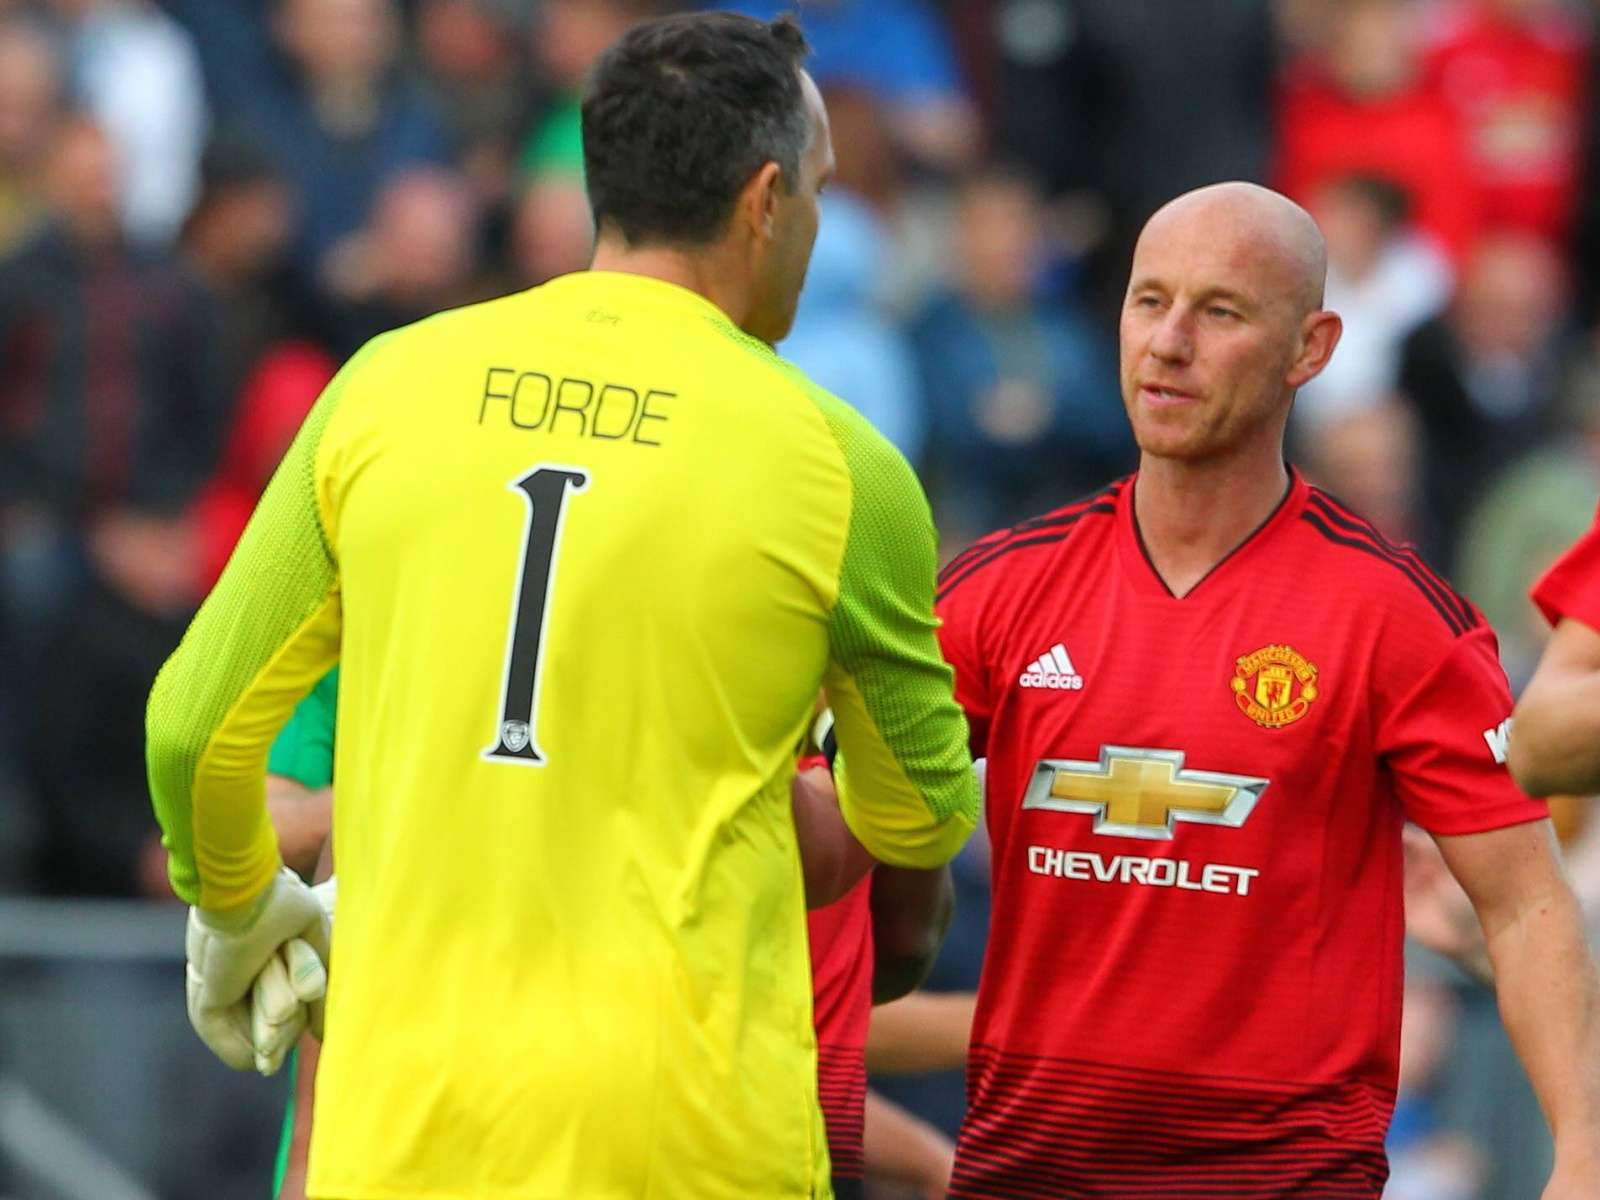 Батт уходит из «Манчестер Юнайтед» после девяти лет работы в клубе